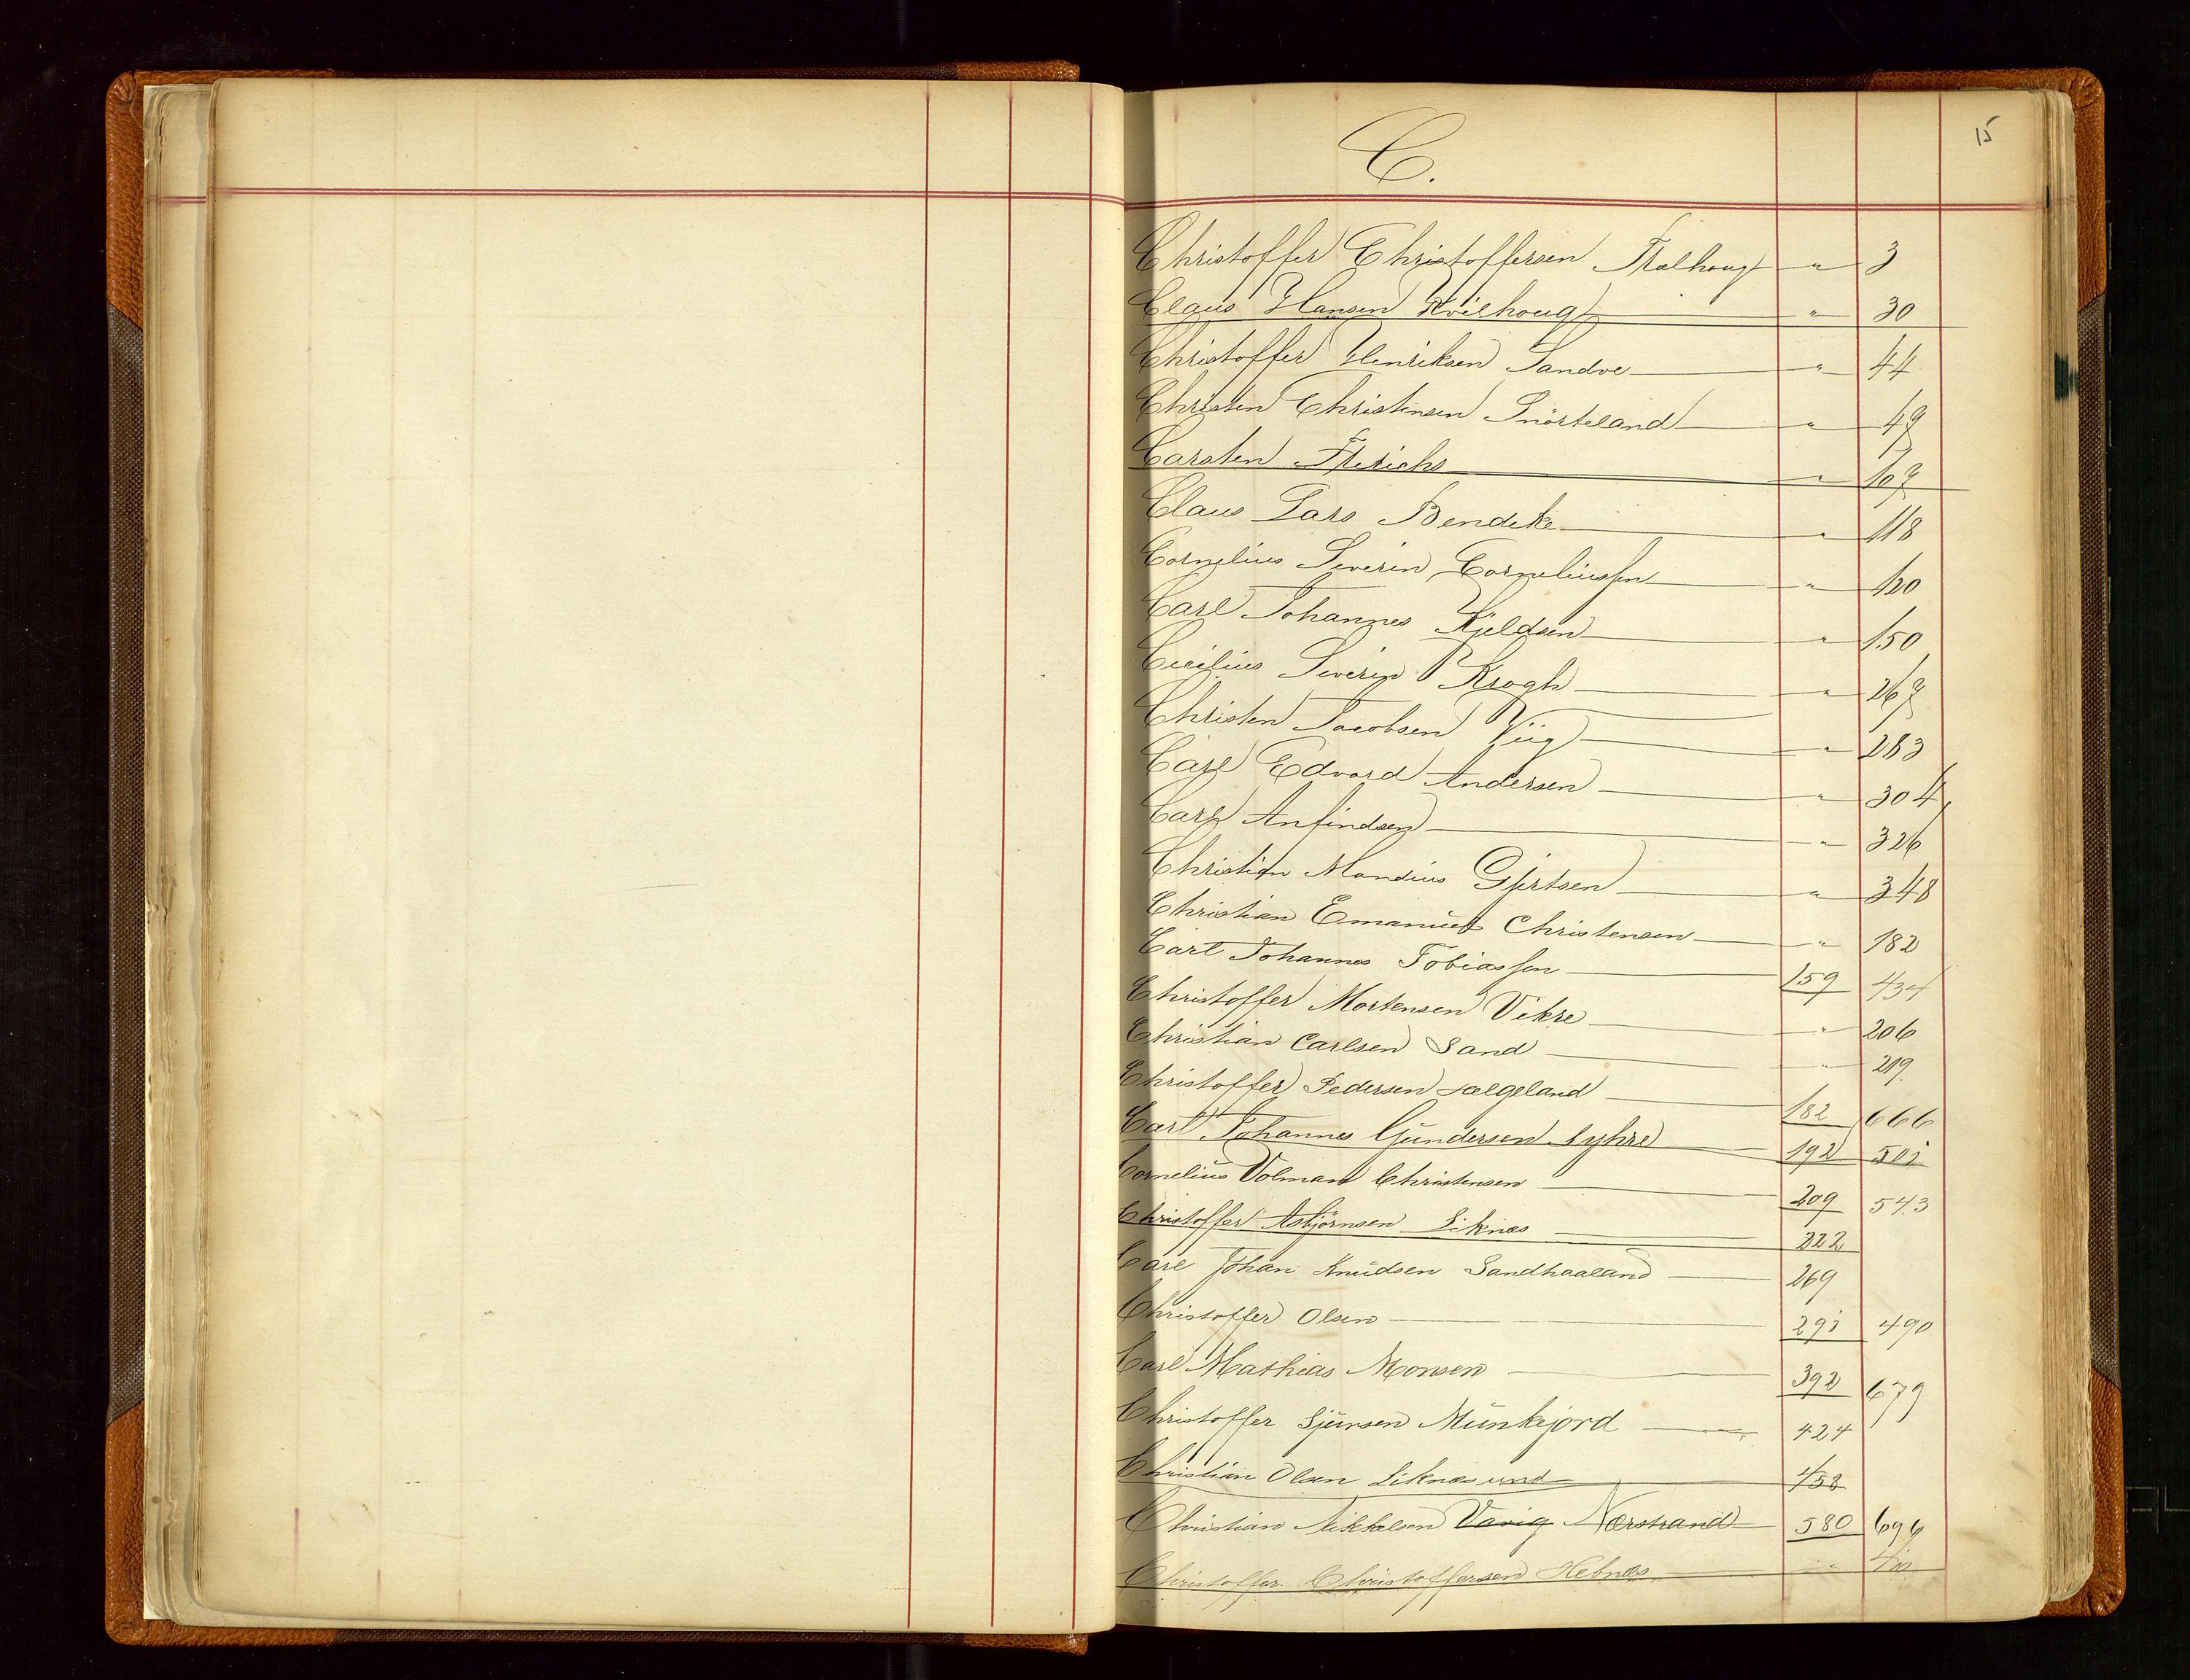 SAST, Haugesund sjømannskontor, F/Fb/Fba/L0001: Navneregister med henvisning til rullenr (Fornavn) Skudenes krets, 1860-1948, s. 15